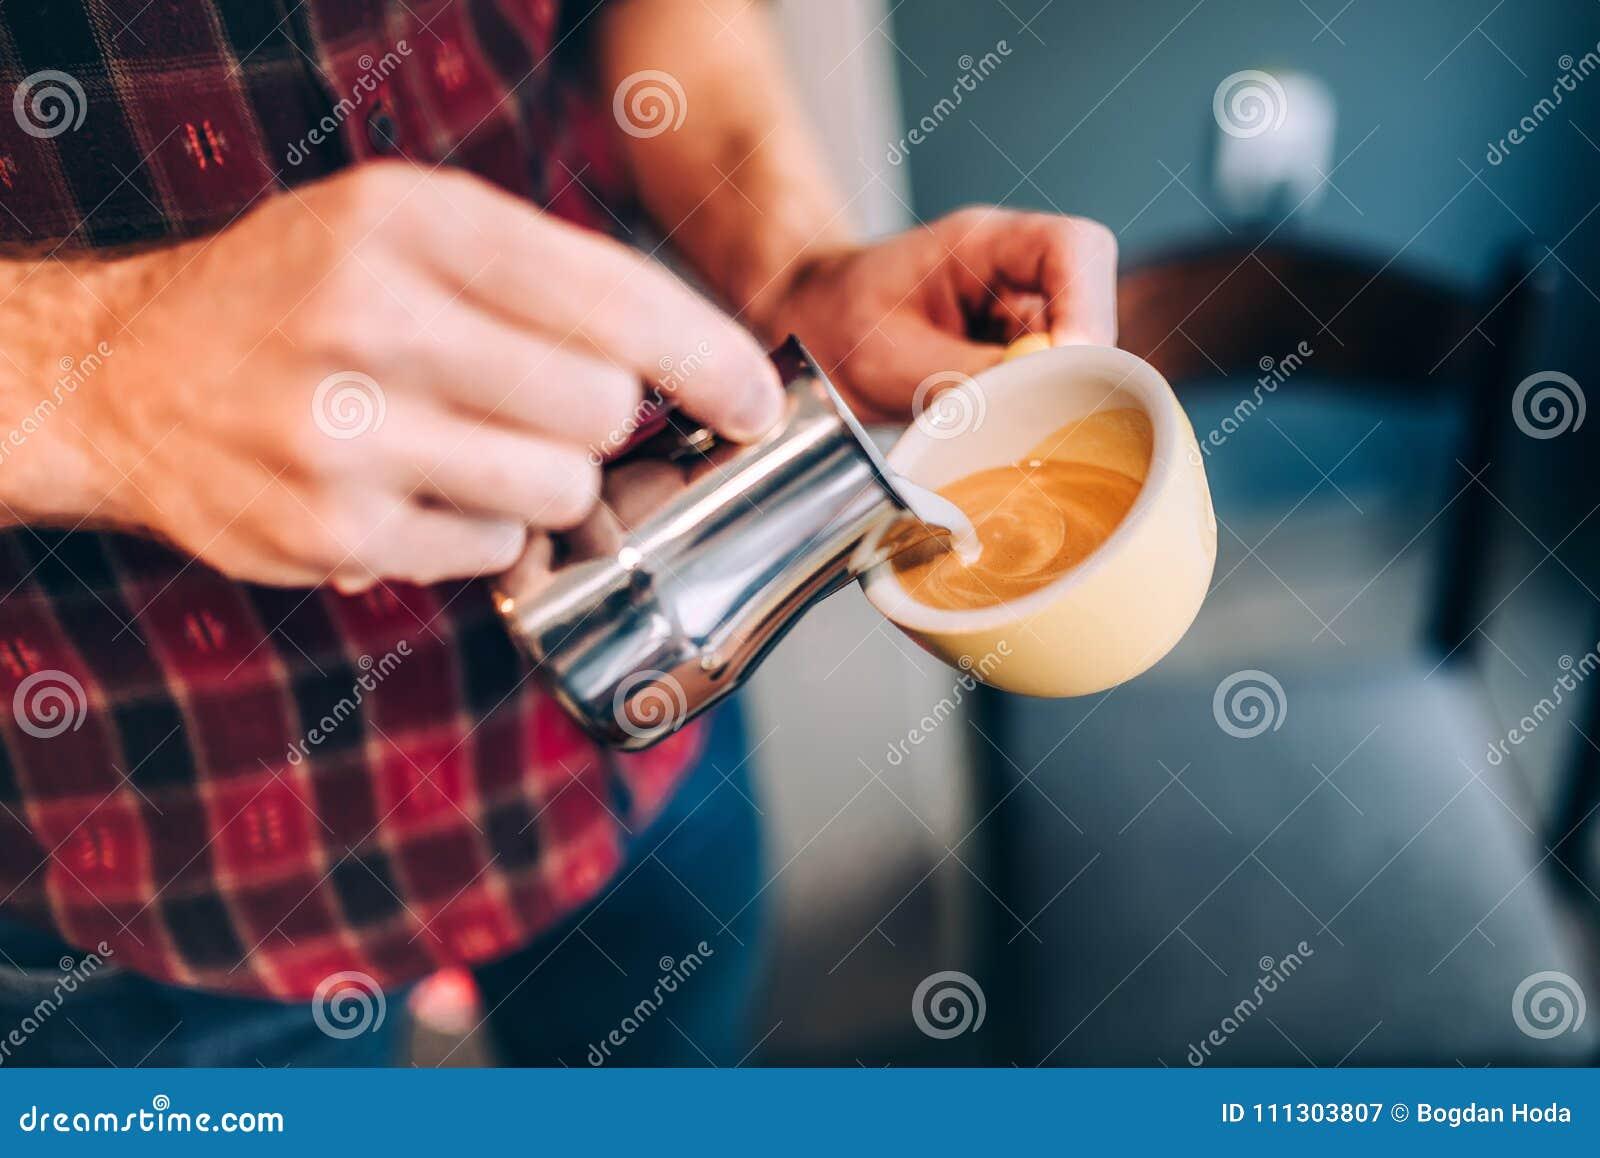 El latte de colada profesional del barista y del camarero hace espuma sobre el café, el café express y crear un capuchino perfect